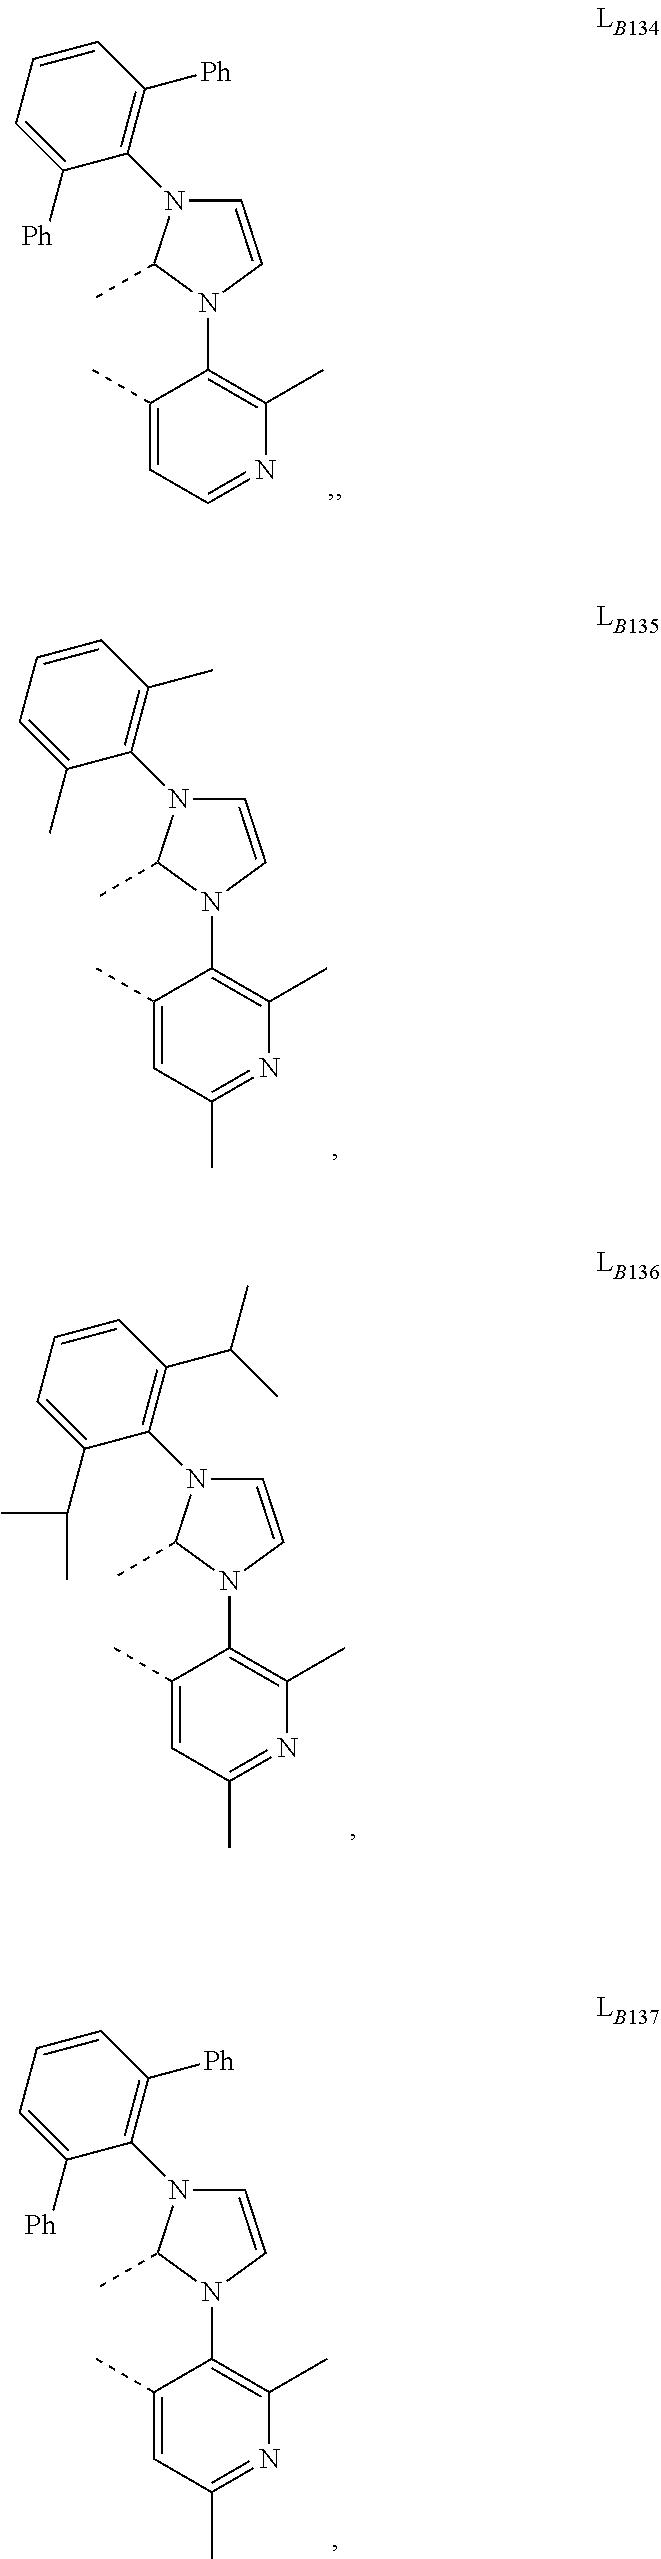 Figure US09905785-20180227-C00587